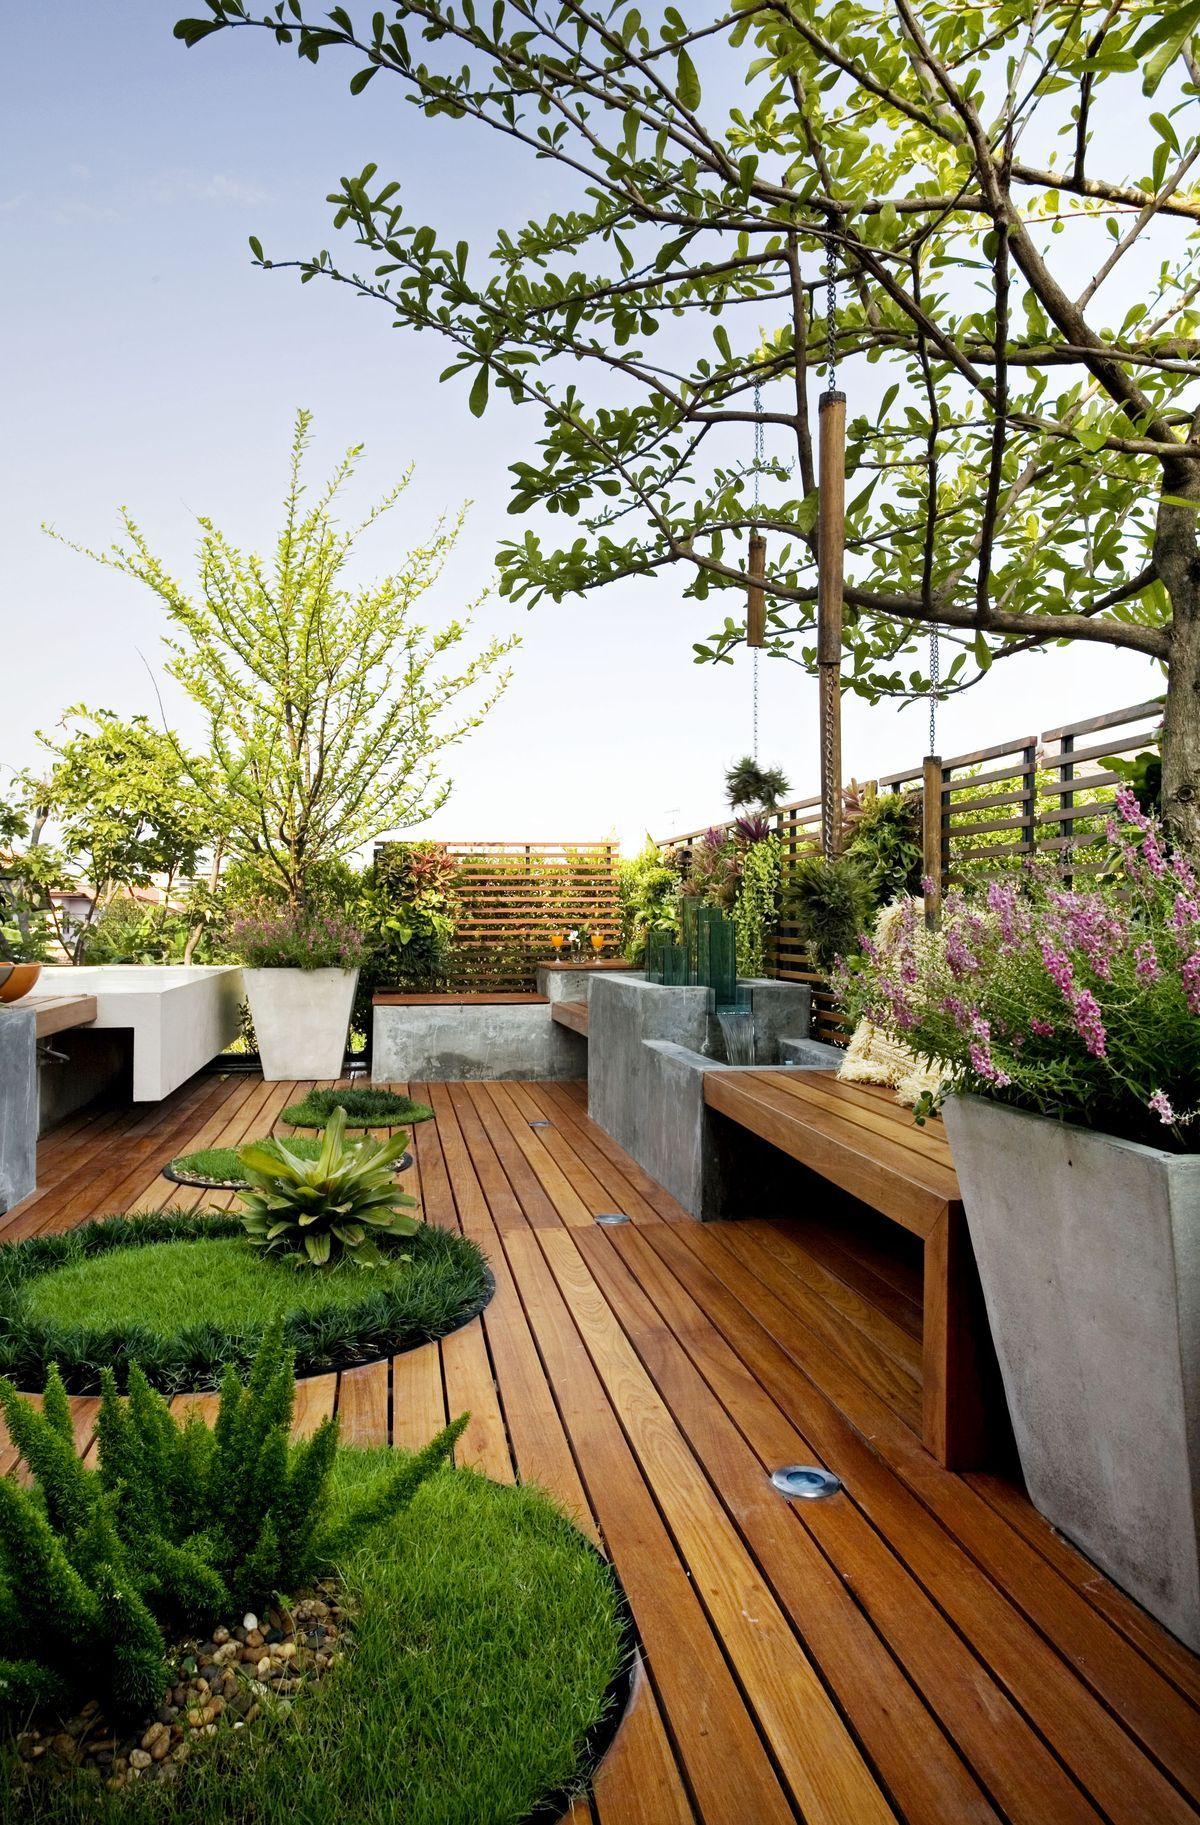 Wir Haben Für Sie 26 Ideen Für Balkon Sichtschutz Zusammengestellt, Die  Ihnen Die Verschiedenen Sichtschutzmöglichkeiten Darstellen. Balkone Sollen  Wohnungs